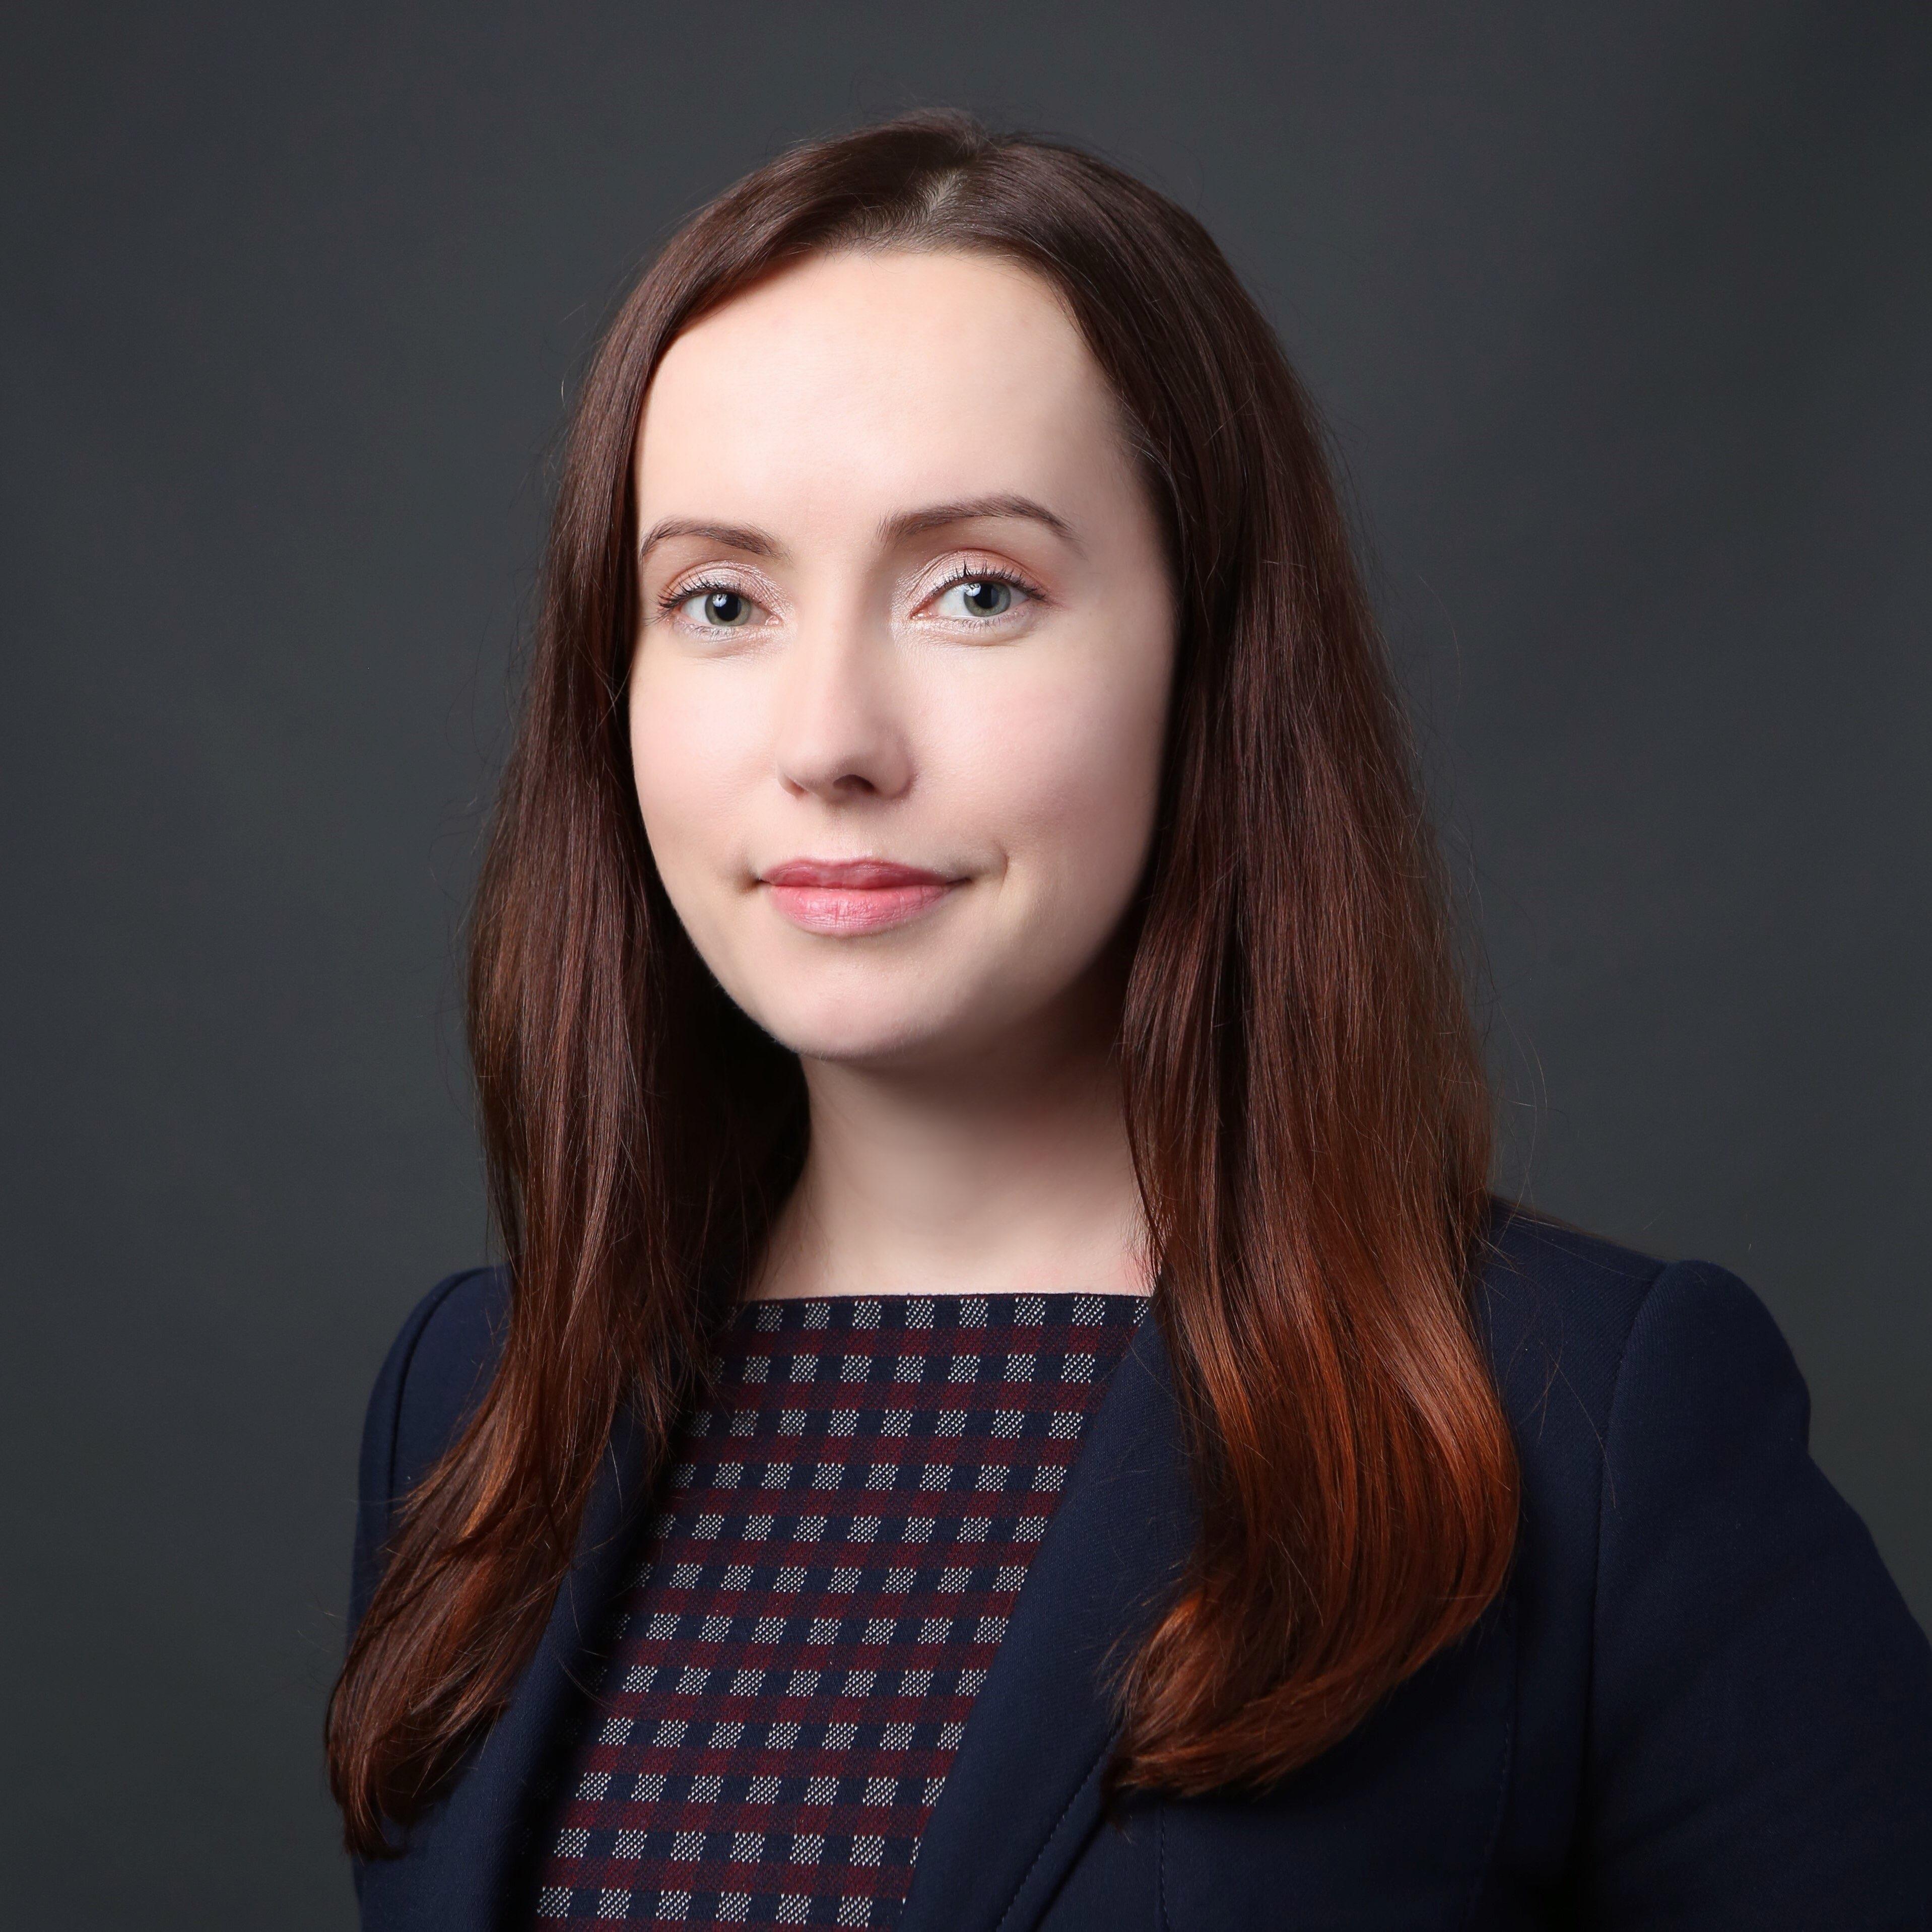 Veronika Maliborska